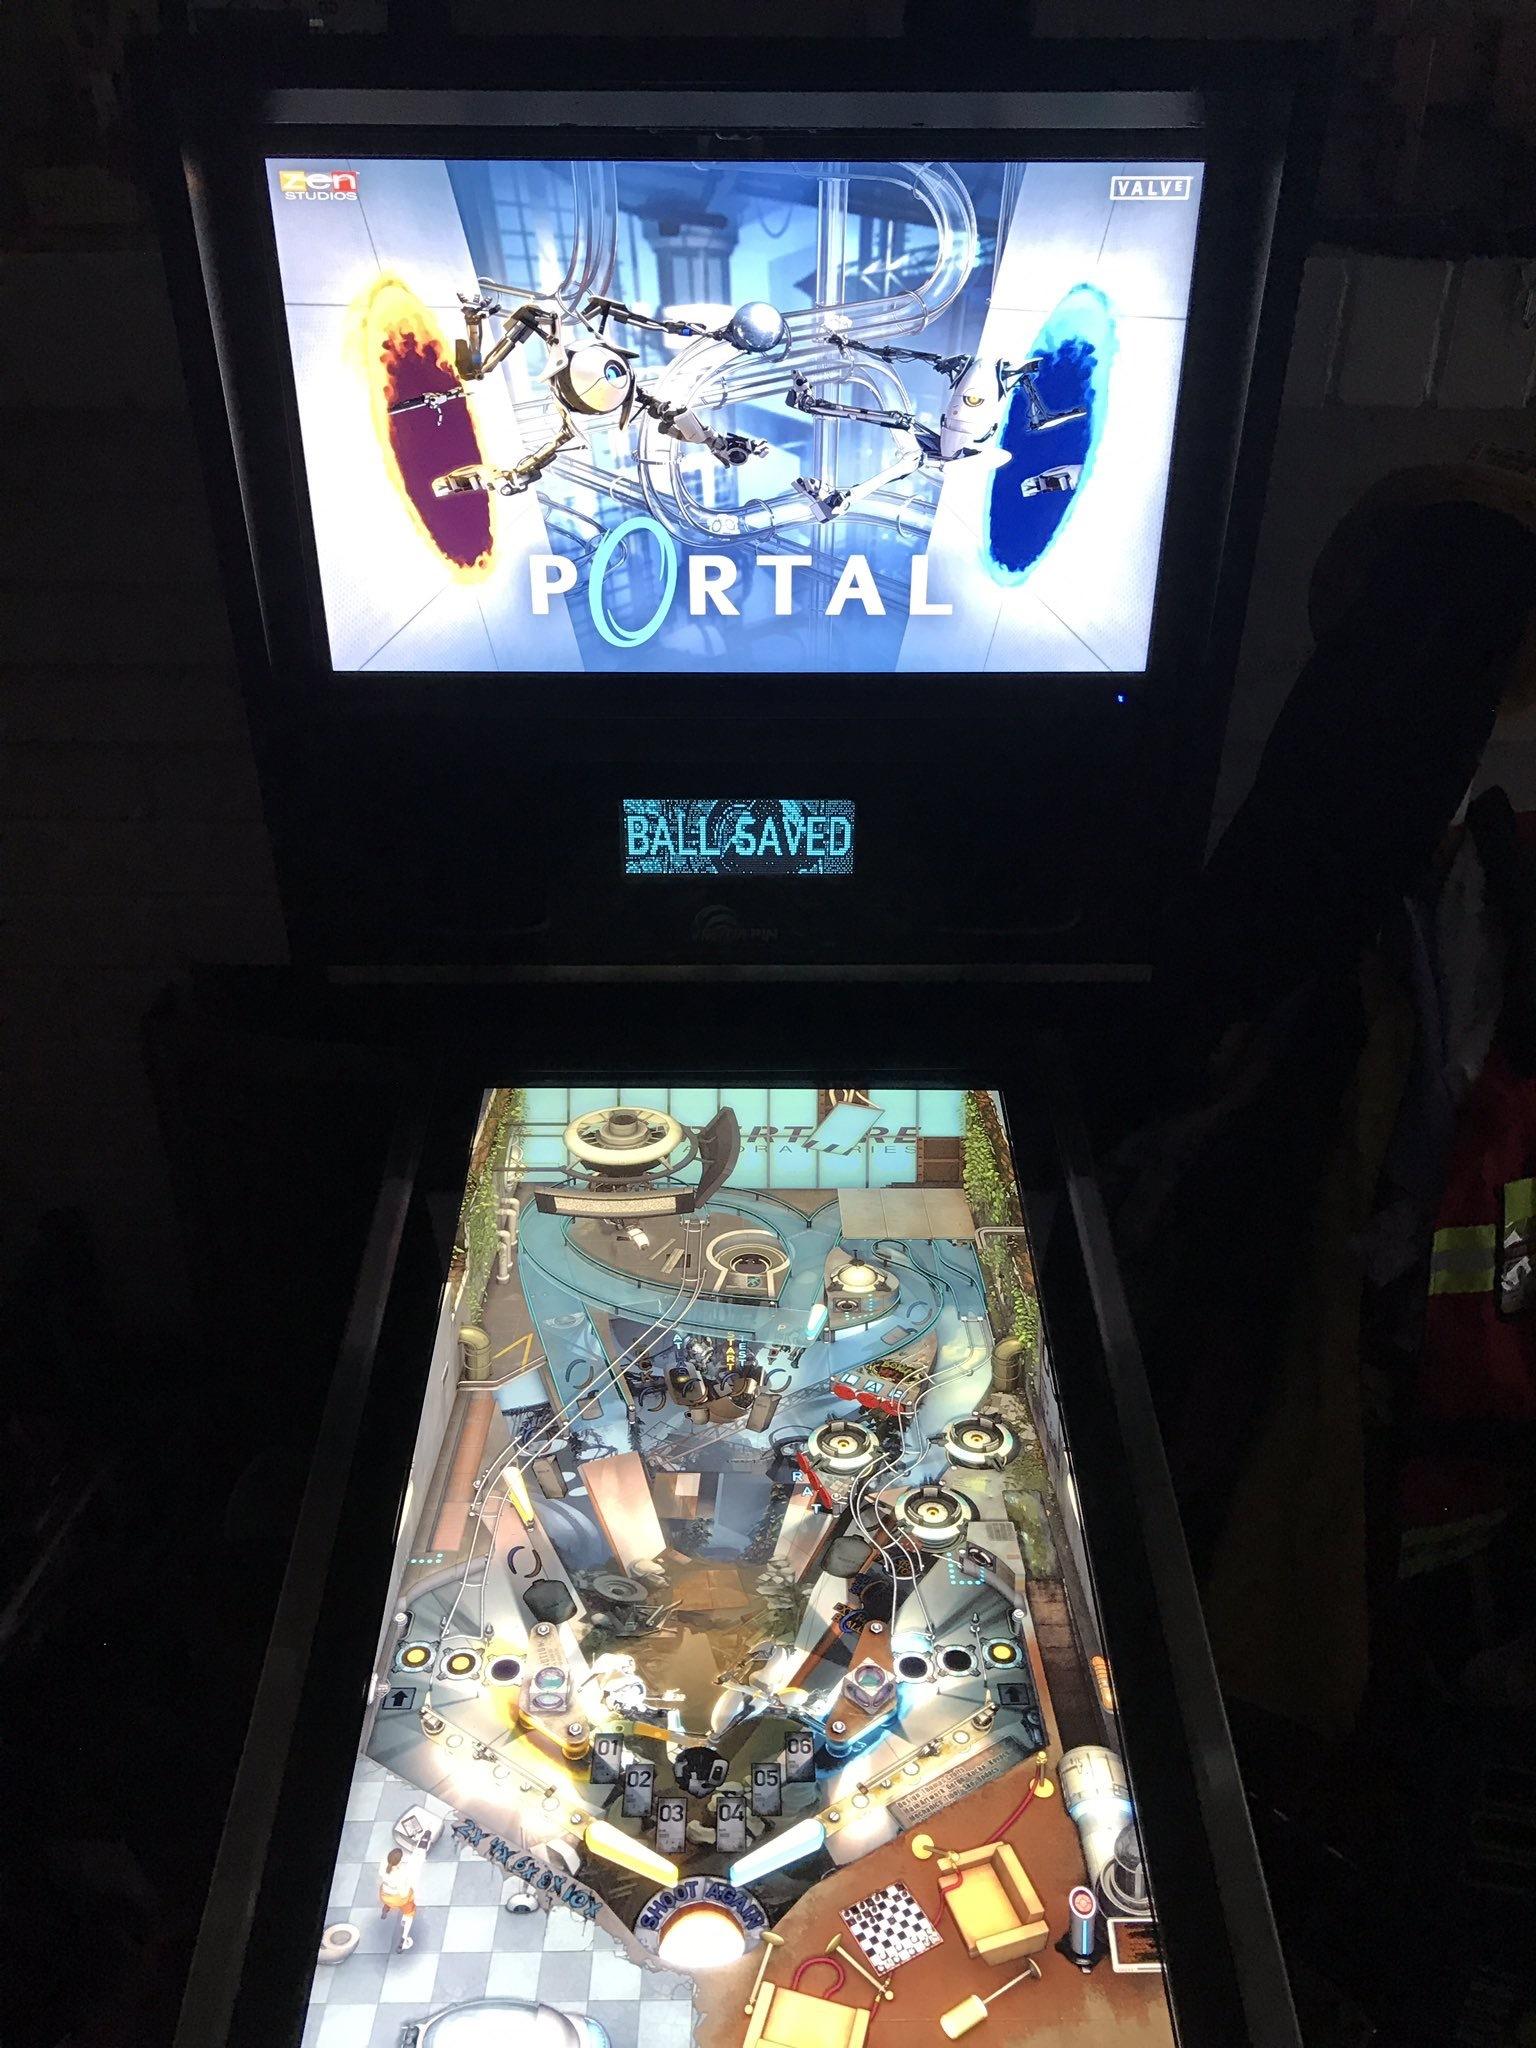 Your Digital Pinball Machine - virtapin mini portal 2 - Your Digital Pinball Machine